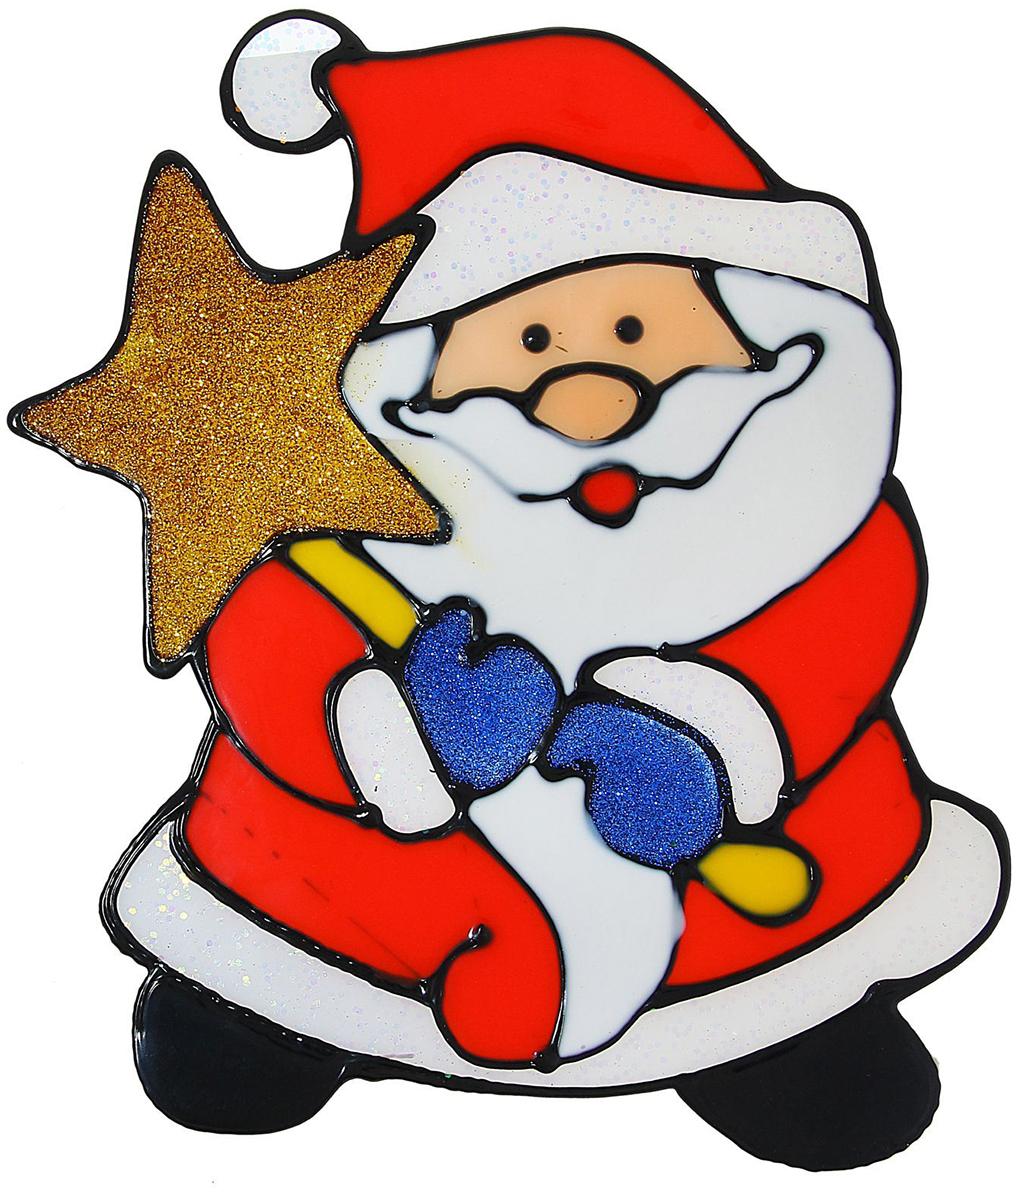 Украшение новогоднее оконное Дед Мороз со звездой в руках, 14,5 х 18 см1113581Новогоднее оконное украшение Дед Мороз со звездой в руках поможет украсить дом кпредстоящим праздникам. Яркая наклейка крепится к гладкой поверхности стекла посредствомстатического эффекта. С помощью такого украшения вы сможете оживить интерьер по своемувкусу. Новогодние украшения всегда несут в себе волшебство и красоту праздника. Создайте в своемдоме атмосферу тепла, веселья и радости, украшая его всей семьей.